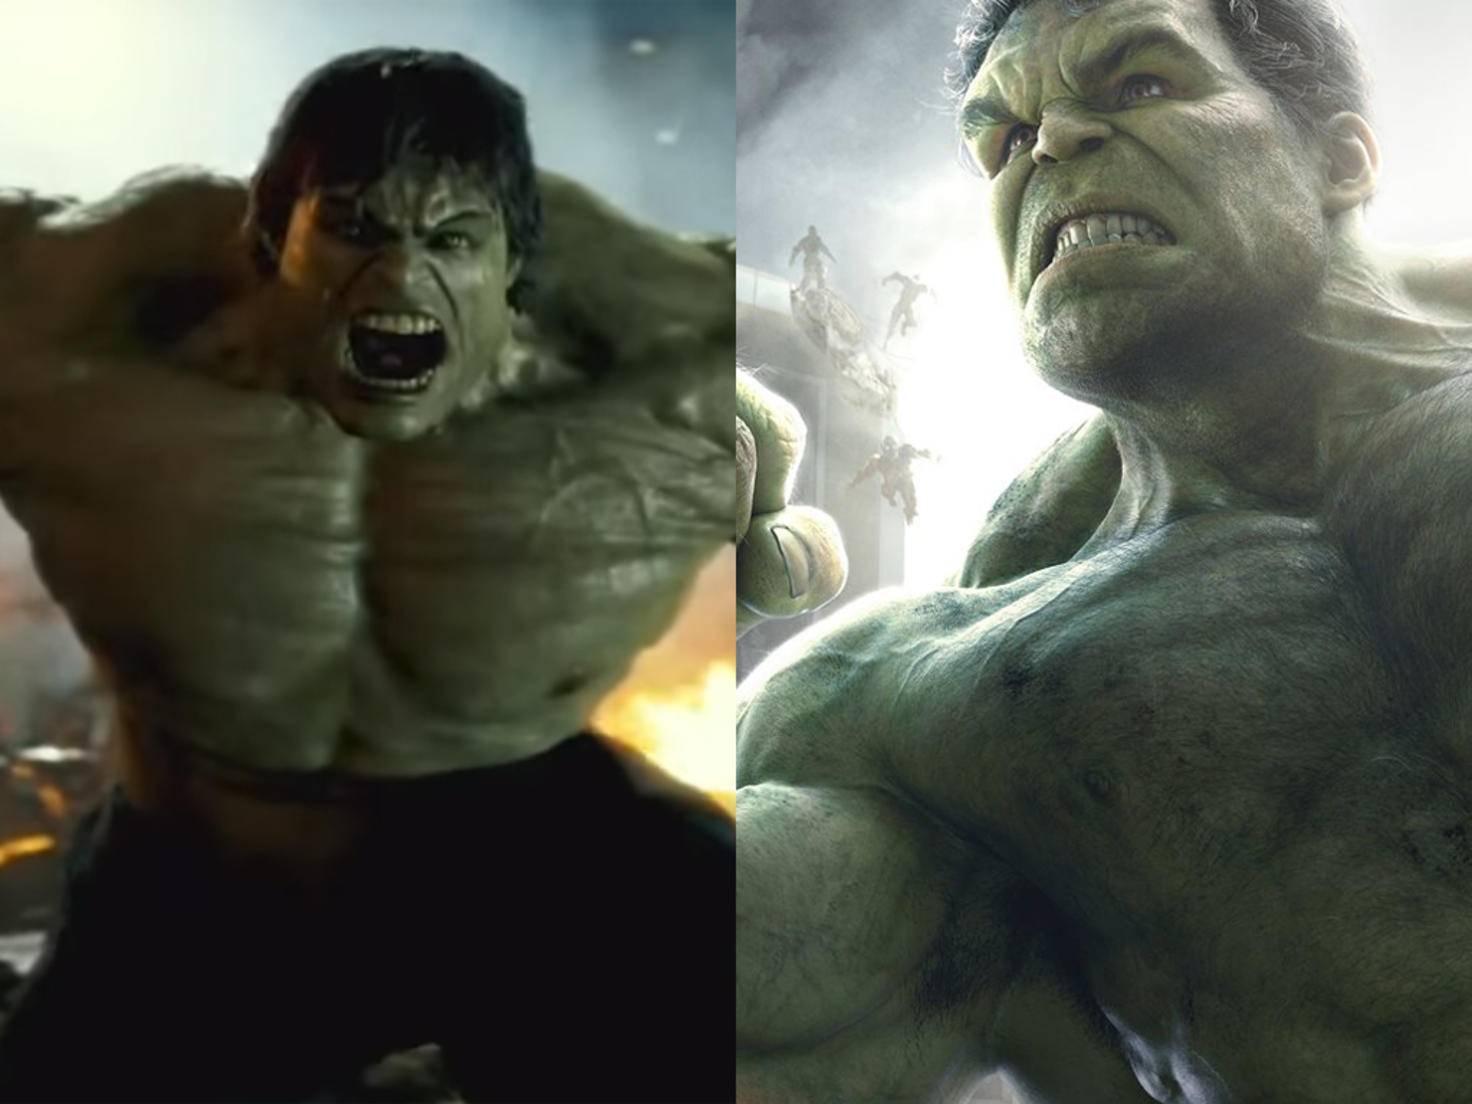 Hochmut kommt vor dem Fall. Edward Norton (links als Hulk) kann ein Lied davon singen. Mark Ruffalo (rechts als Hulk) freut's.